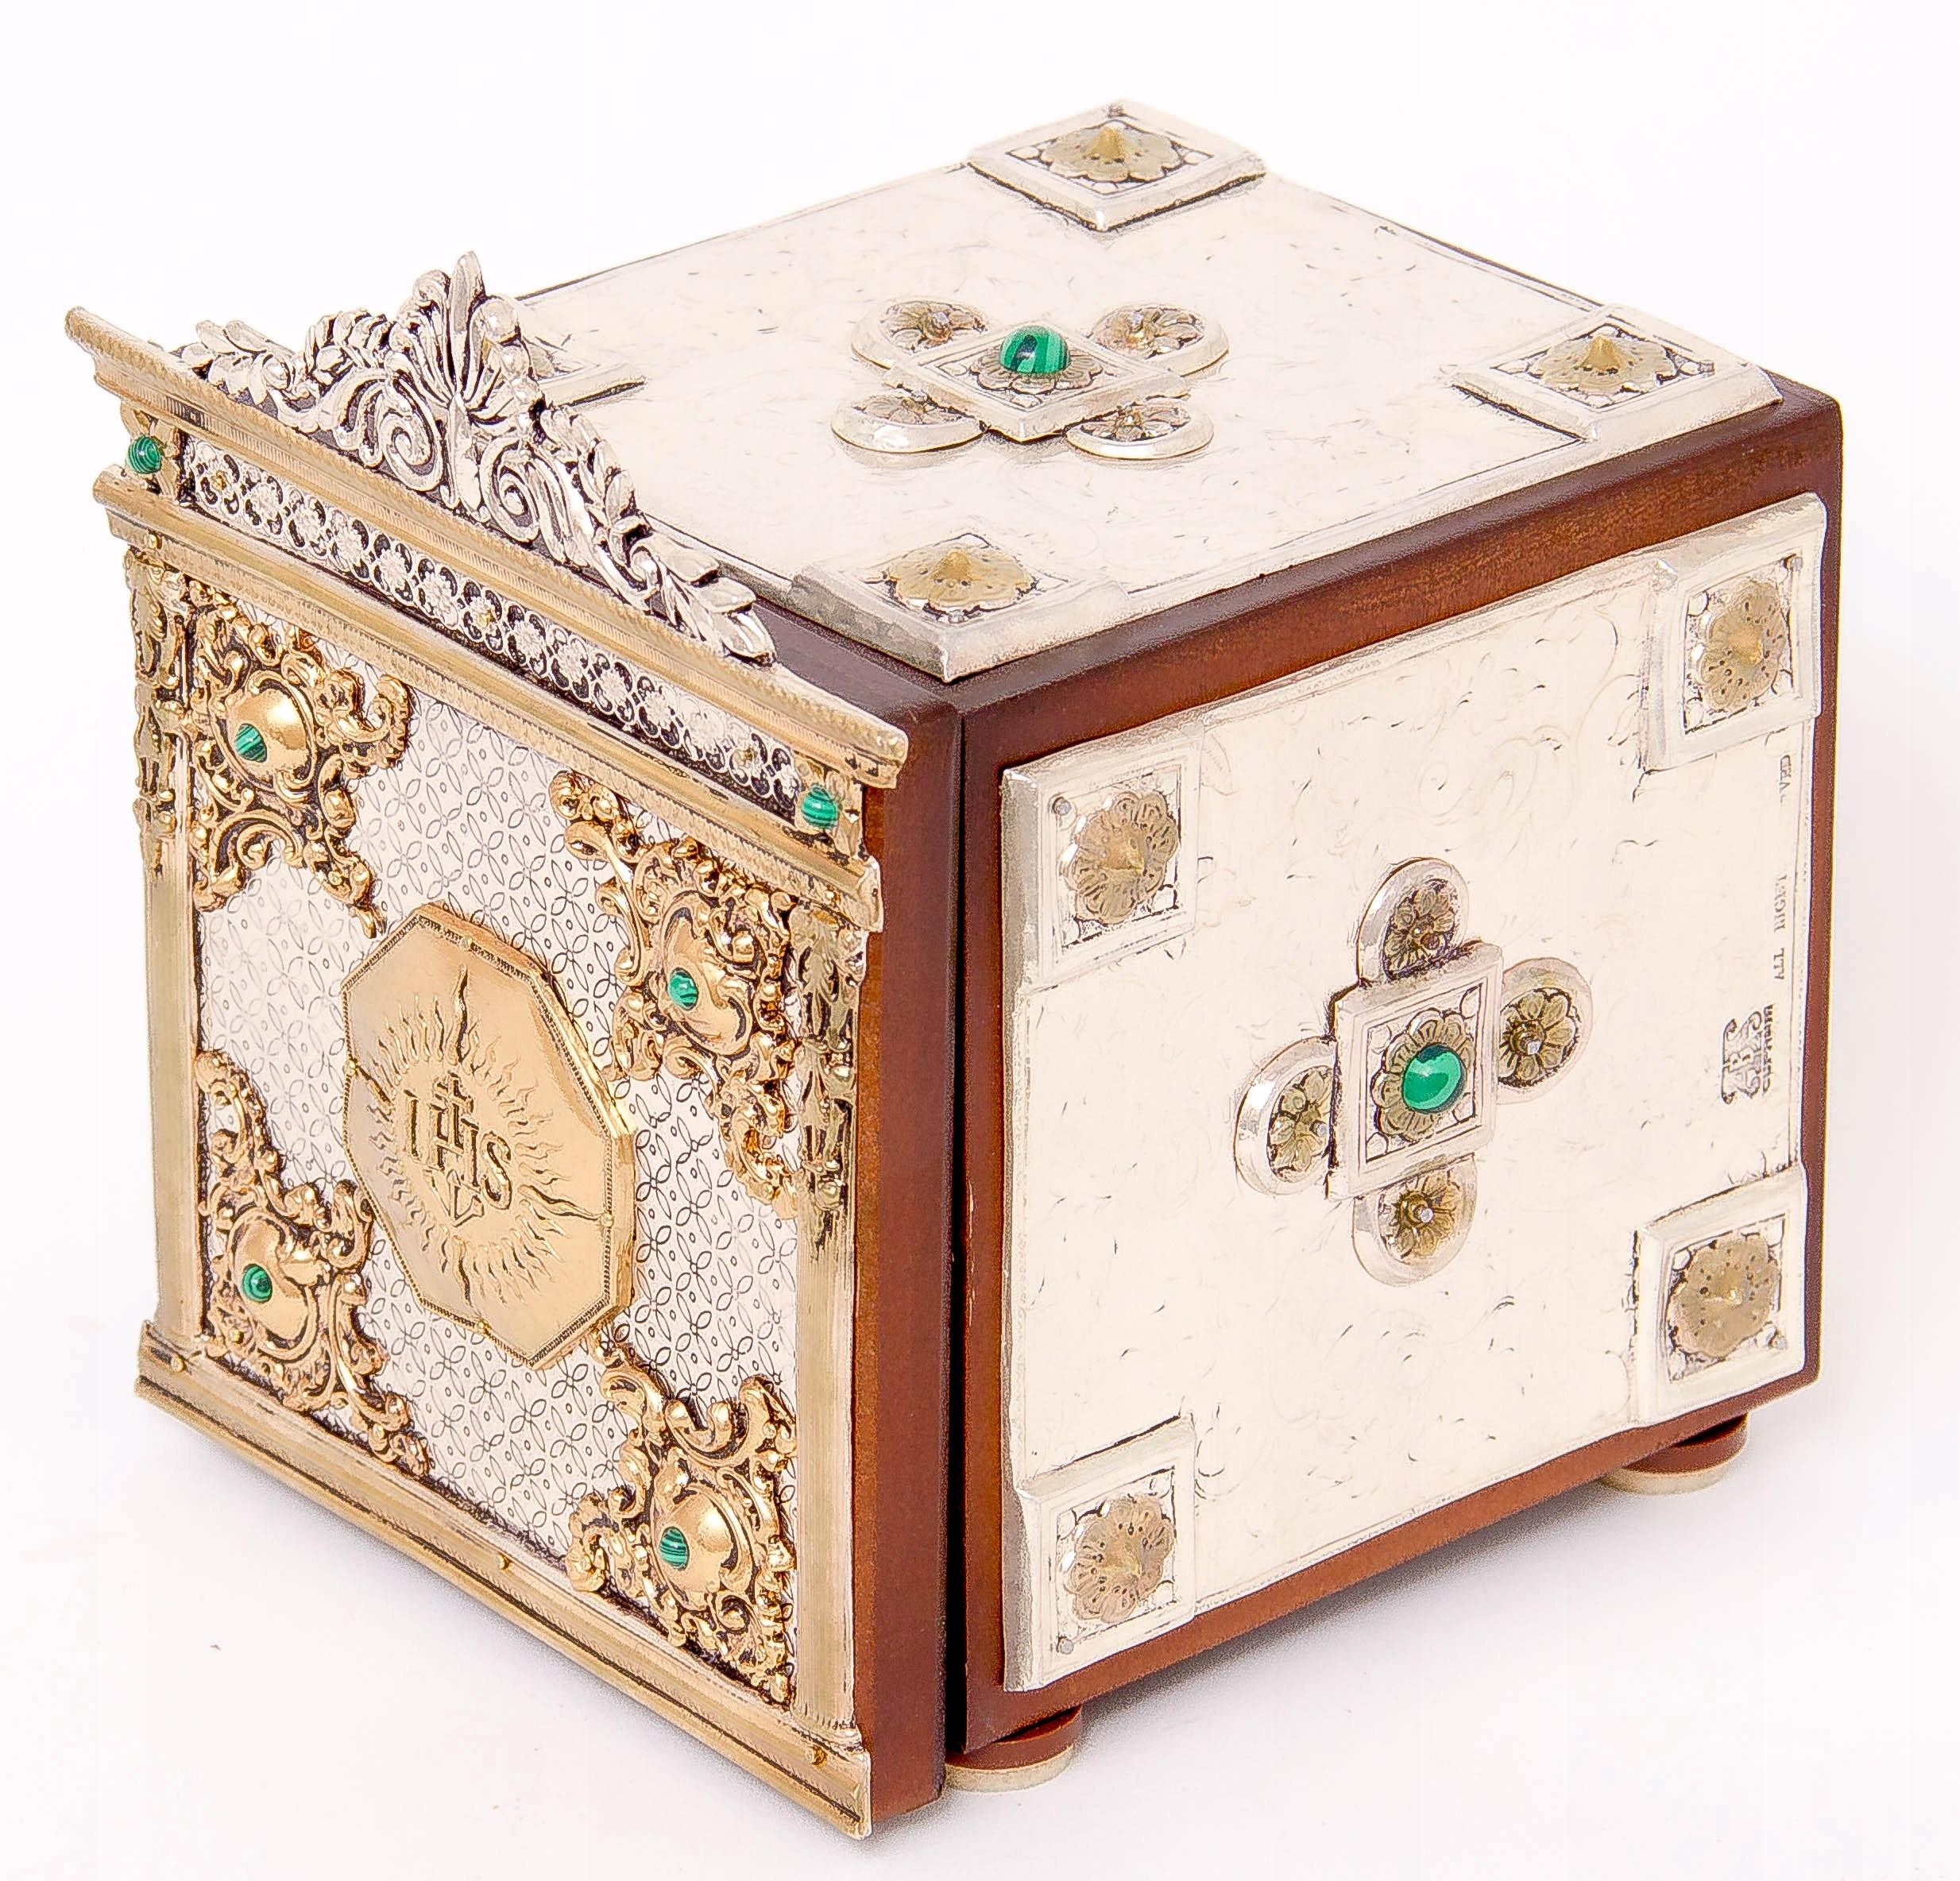 Srebrzone i złocone tabernakulum kolekcjonerskie! Rama bez ramy